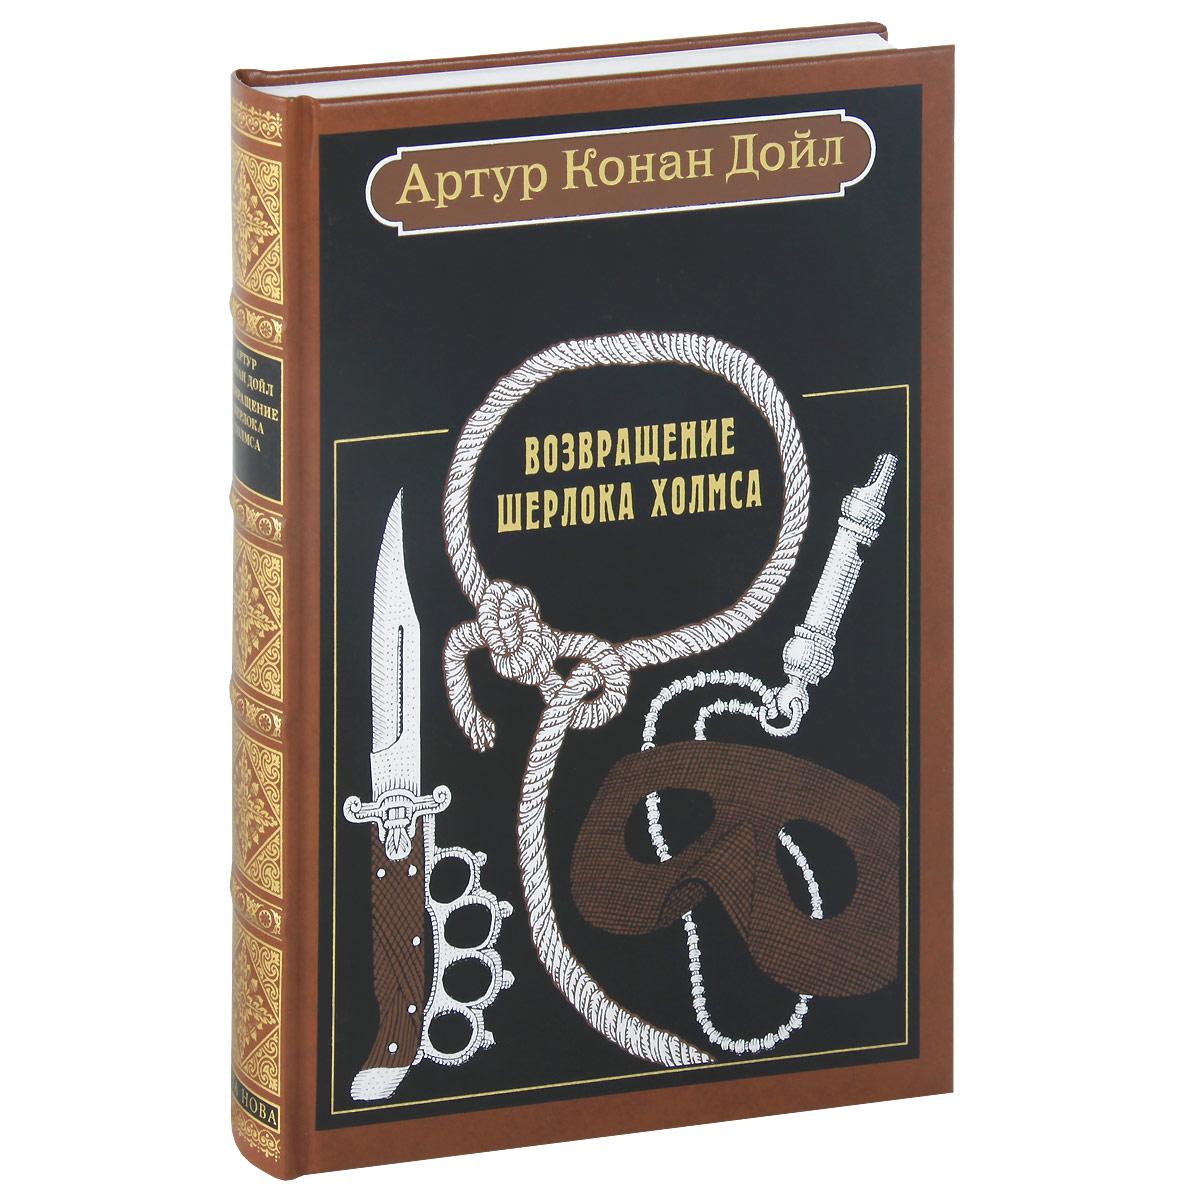 Артур Конан Дойл Возвращение Шерлока Холмса (подарочное издание)